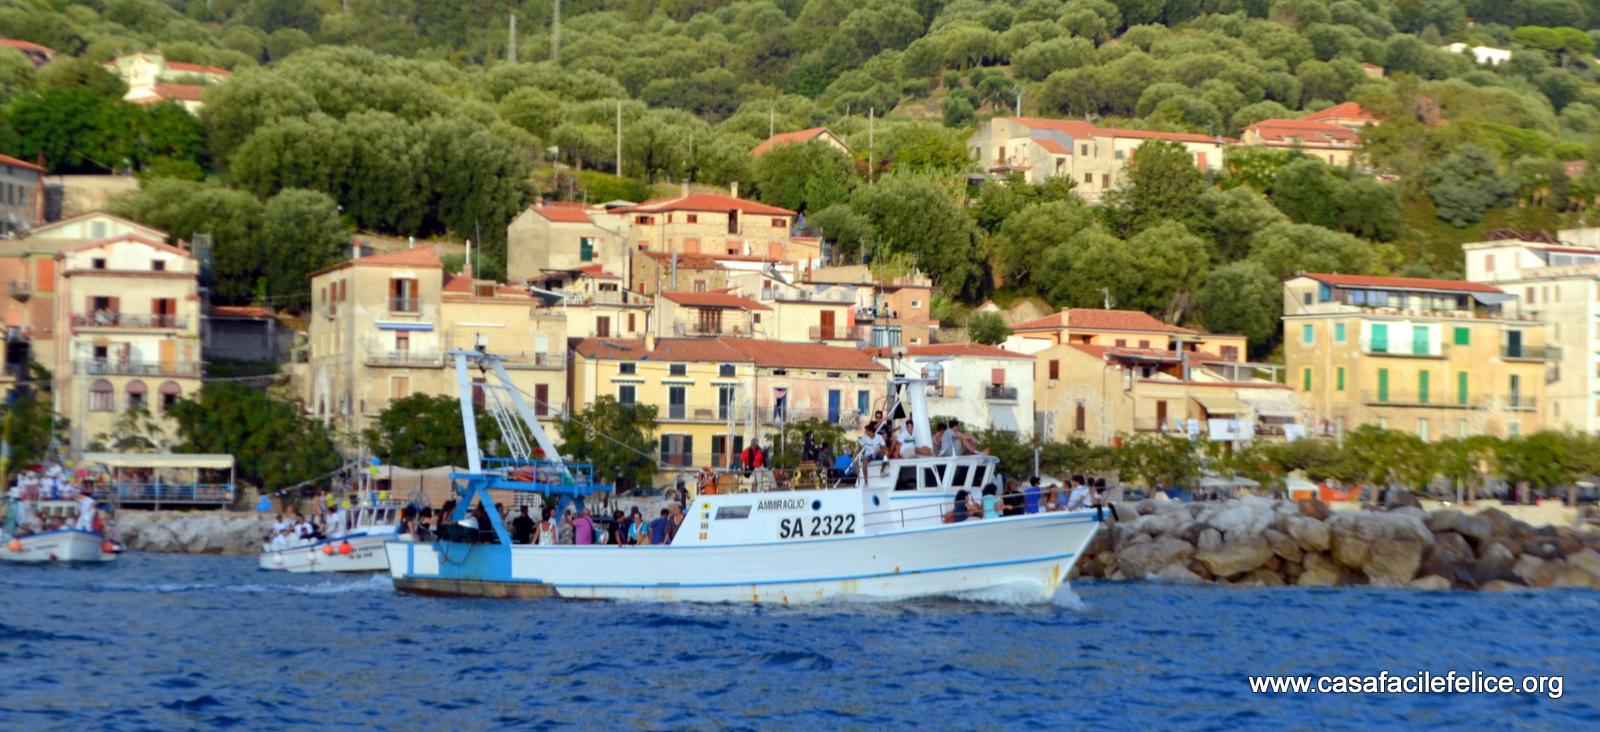 Marina di Pisciotta, Salerno